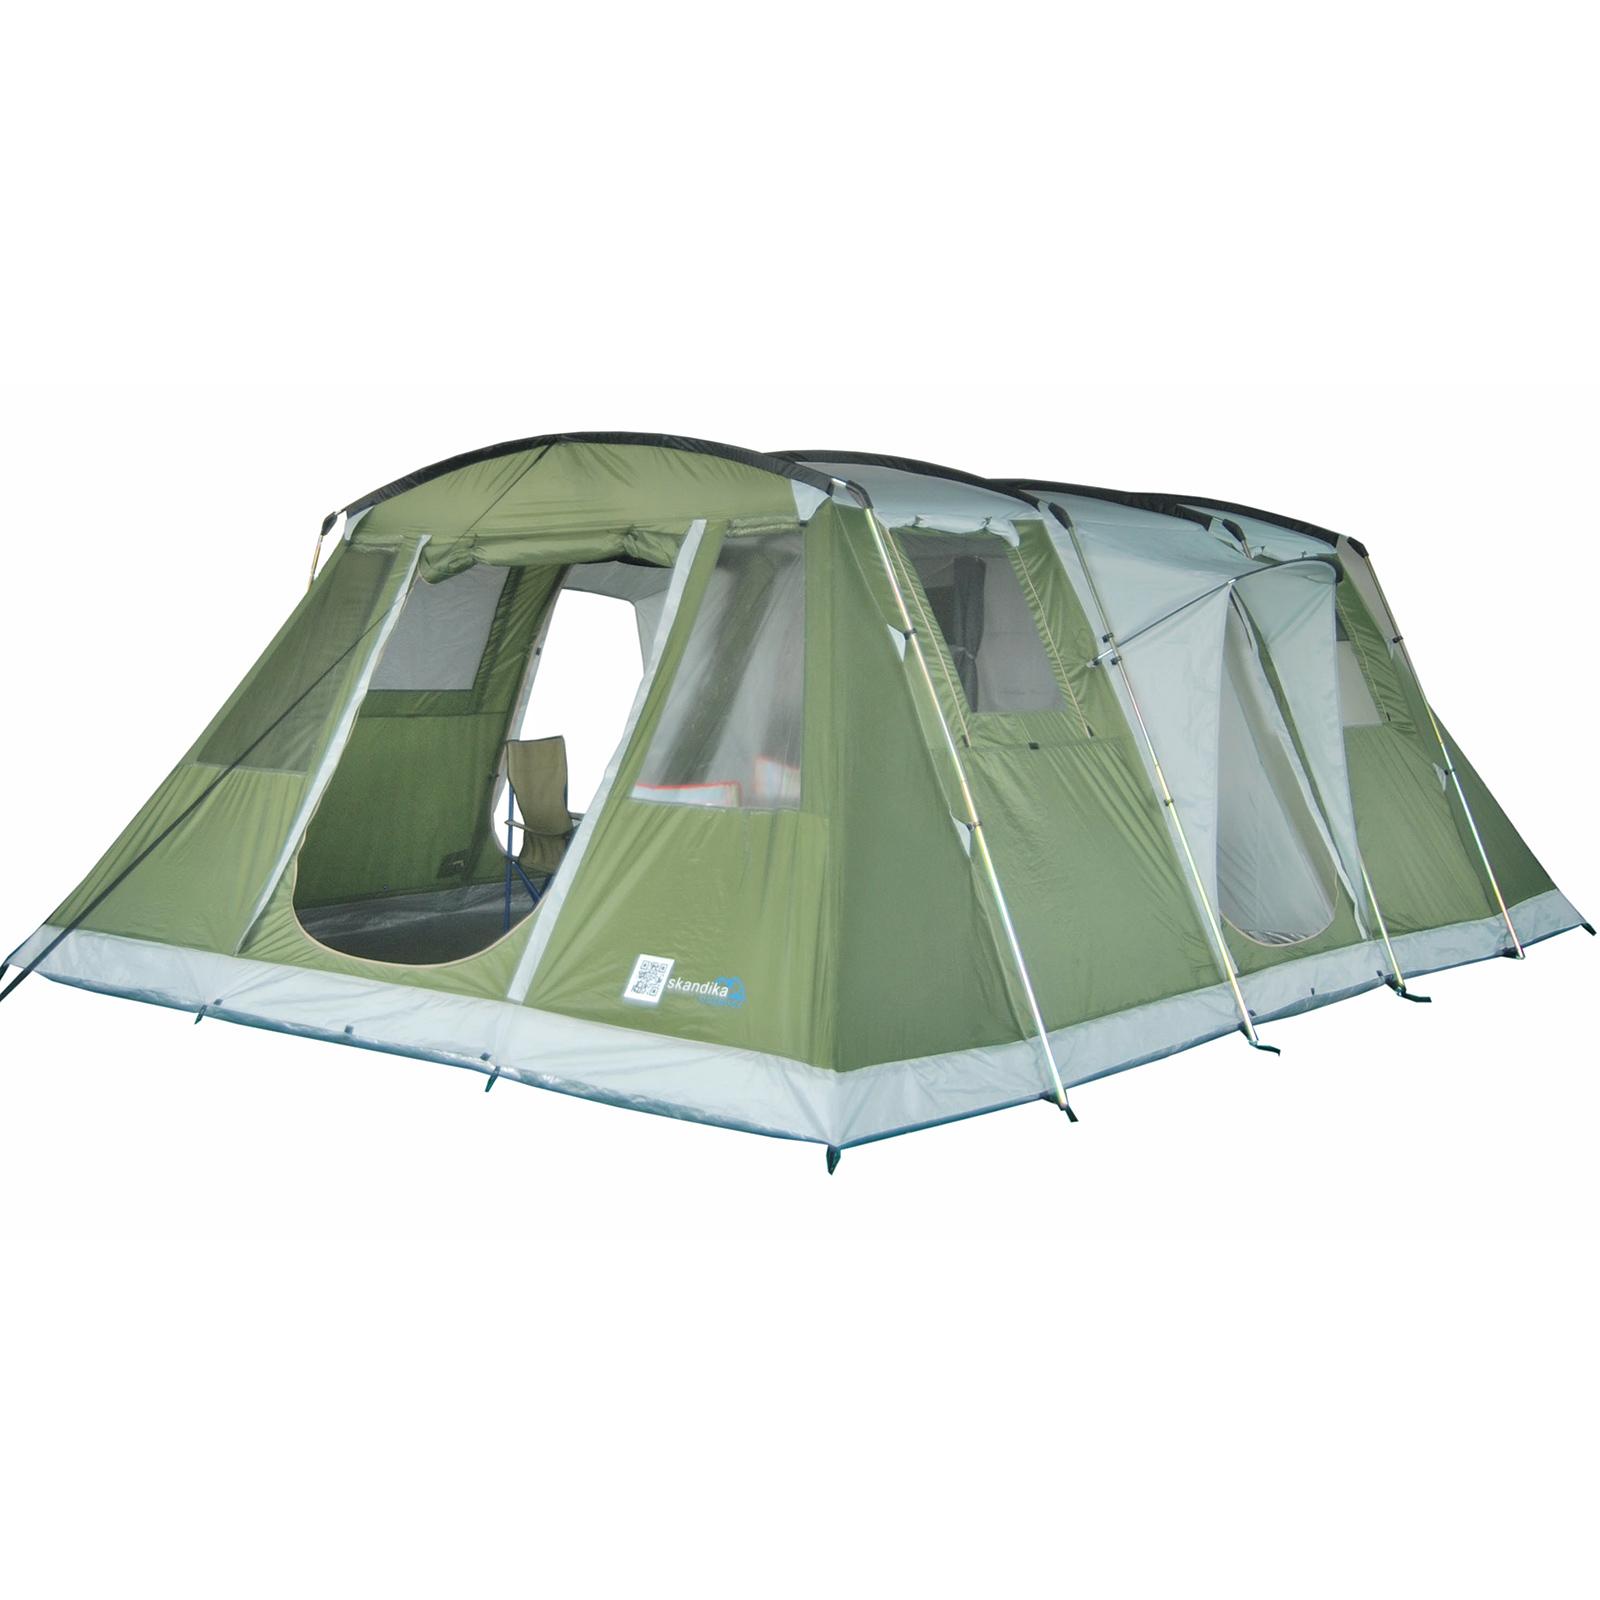 Skandika Zelt Kairo 6 : Skandika nizza familienzelt personen camping zelt uvp